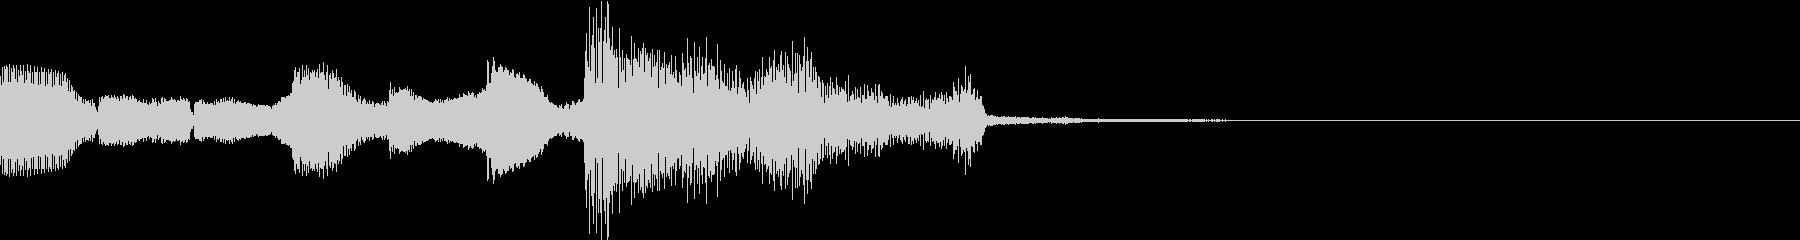 ジングル アラベスク風の未再生の波形